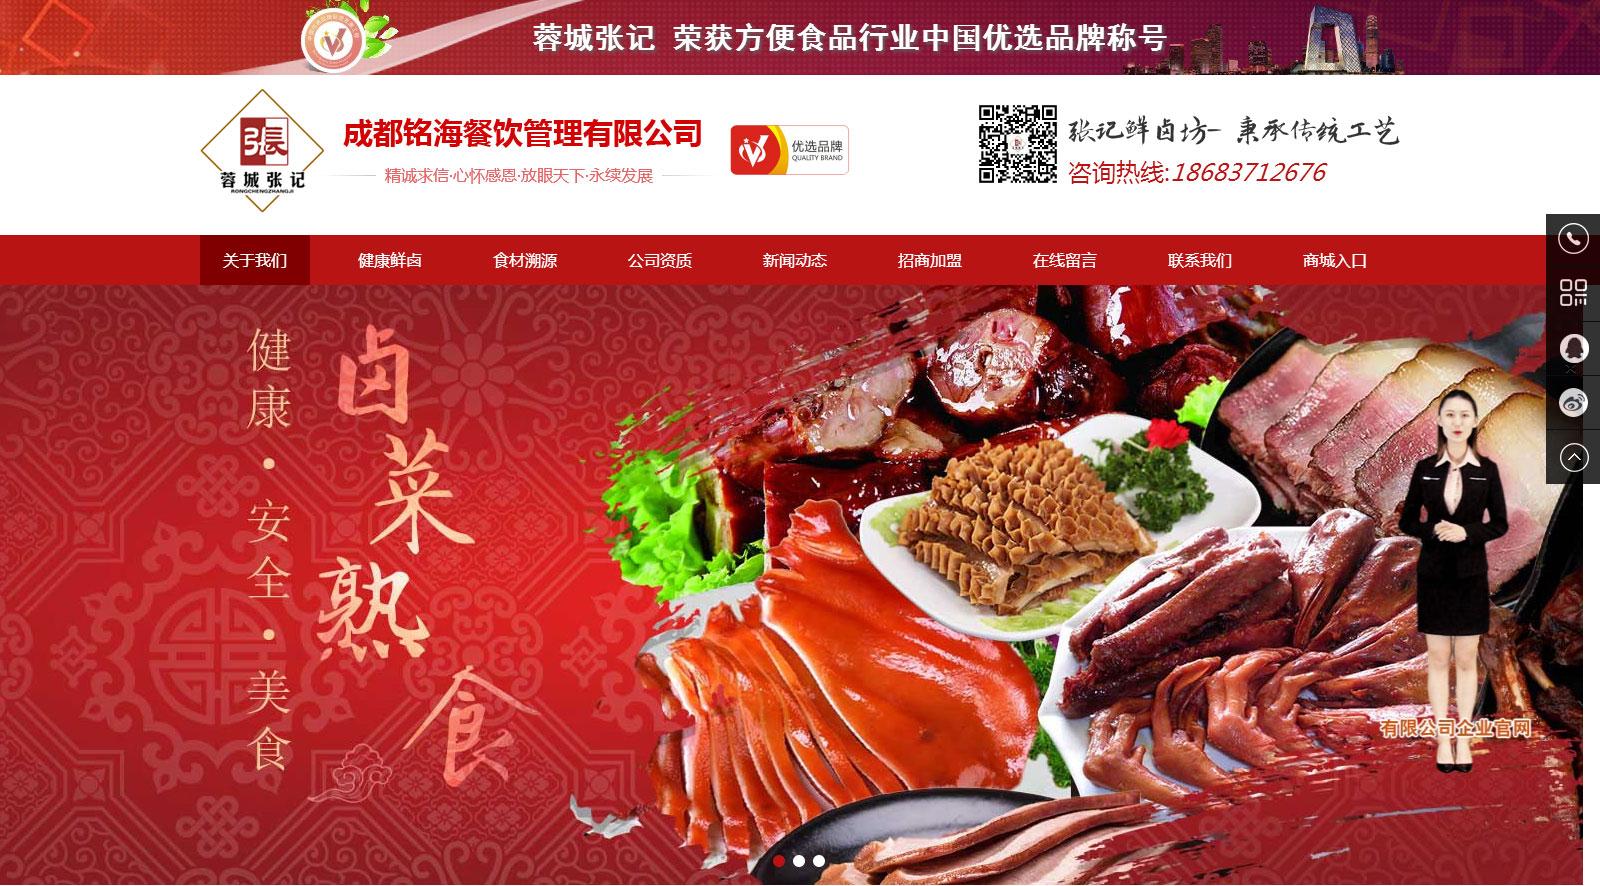 成都铭海餐饮管理有限公司_01.jpg